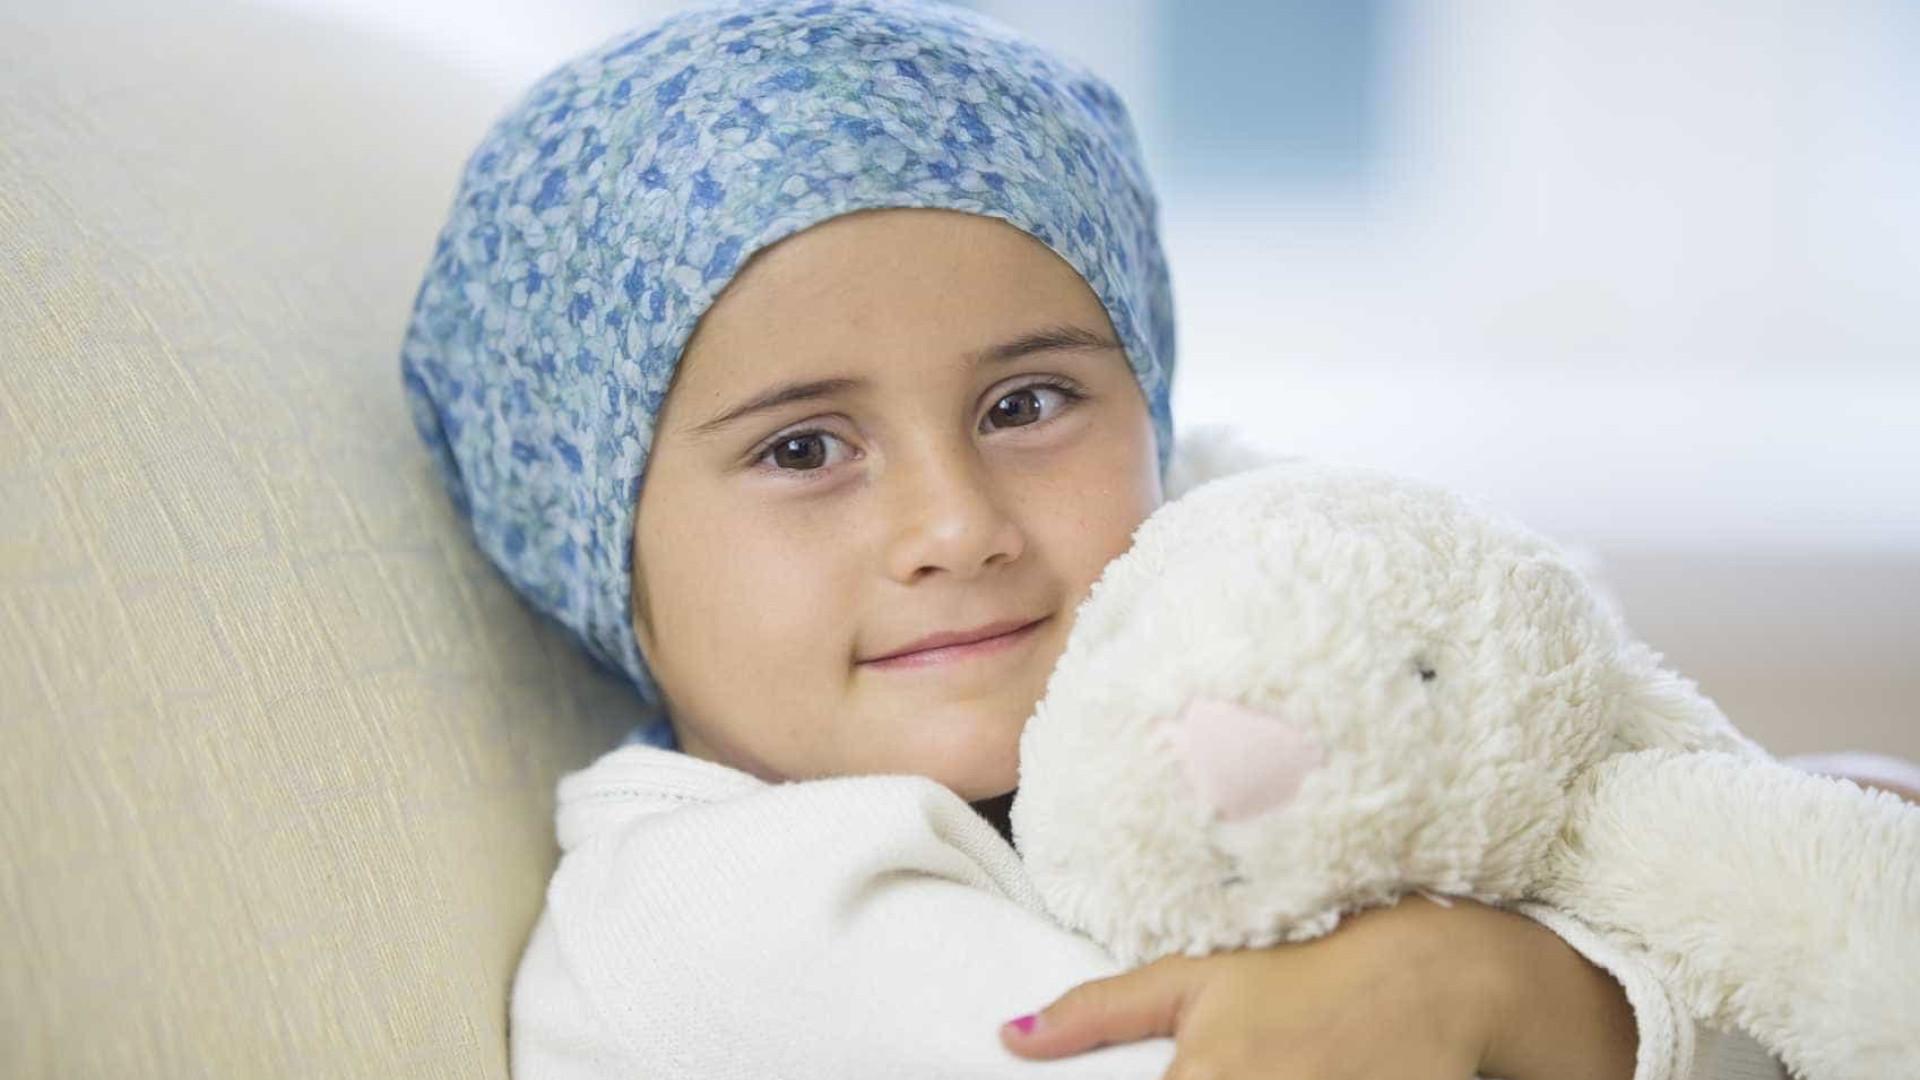 Câncer: mais de 300 mil crianças são diagnosticadas todos os anos